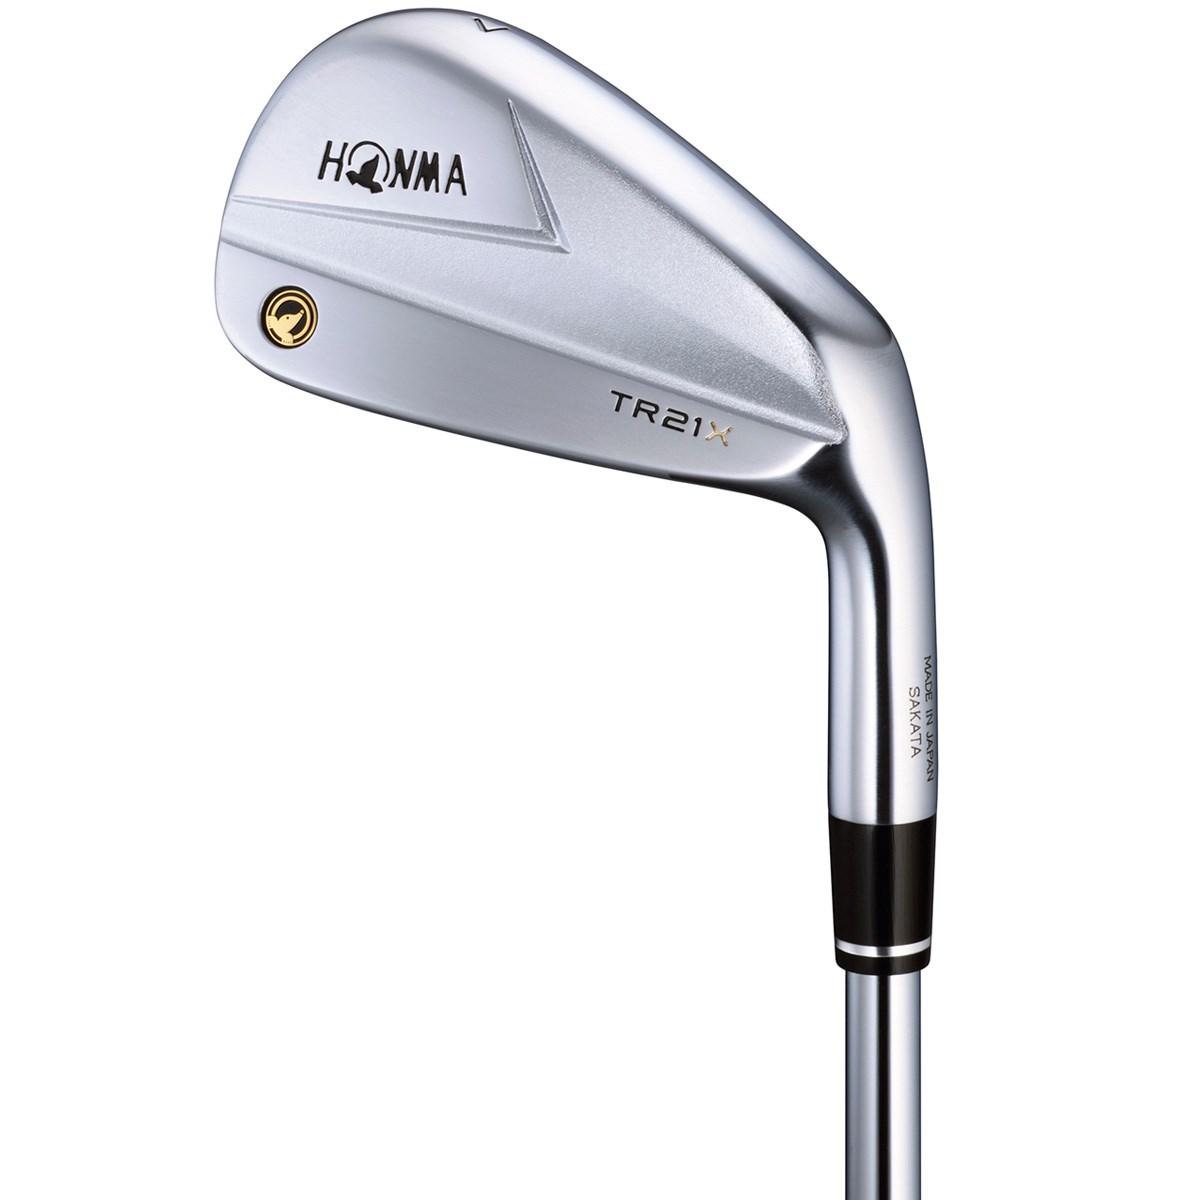 本間ゴルフ(HONMA GOLF) ツアーワールド TR21-X アイアン(5本セット) VIZARD IB-WF 85【2020年10月9日発売予定】